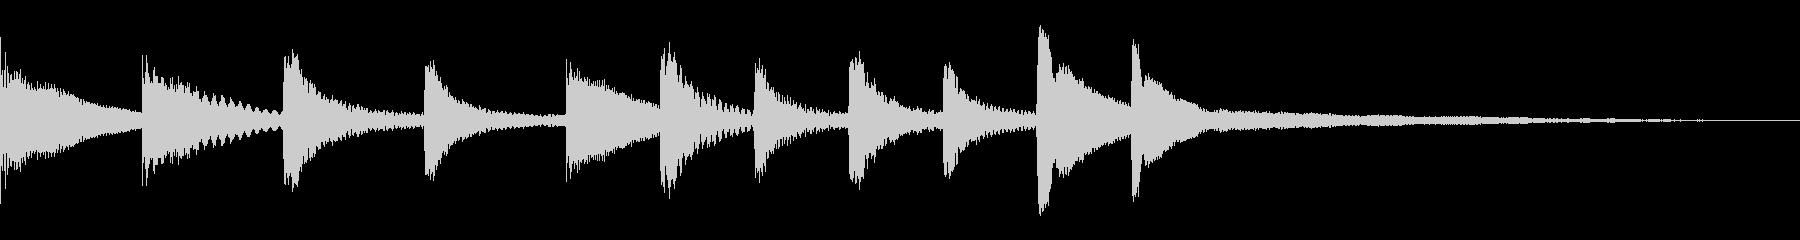 マリンバでのスタート音の未再生の波形